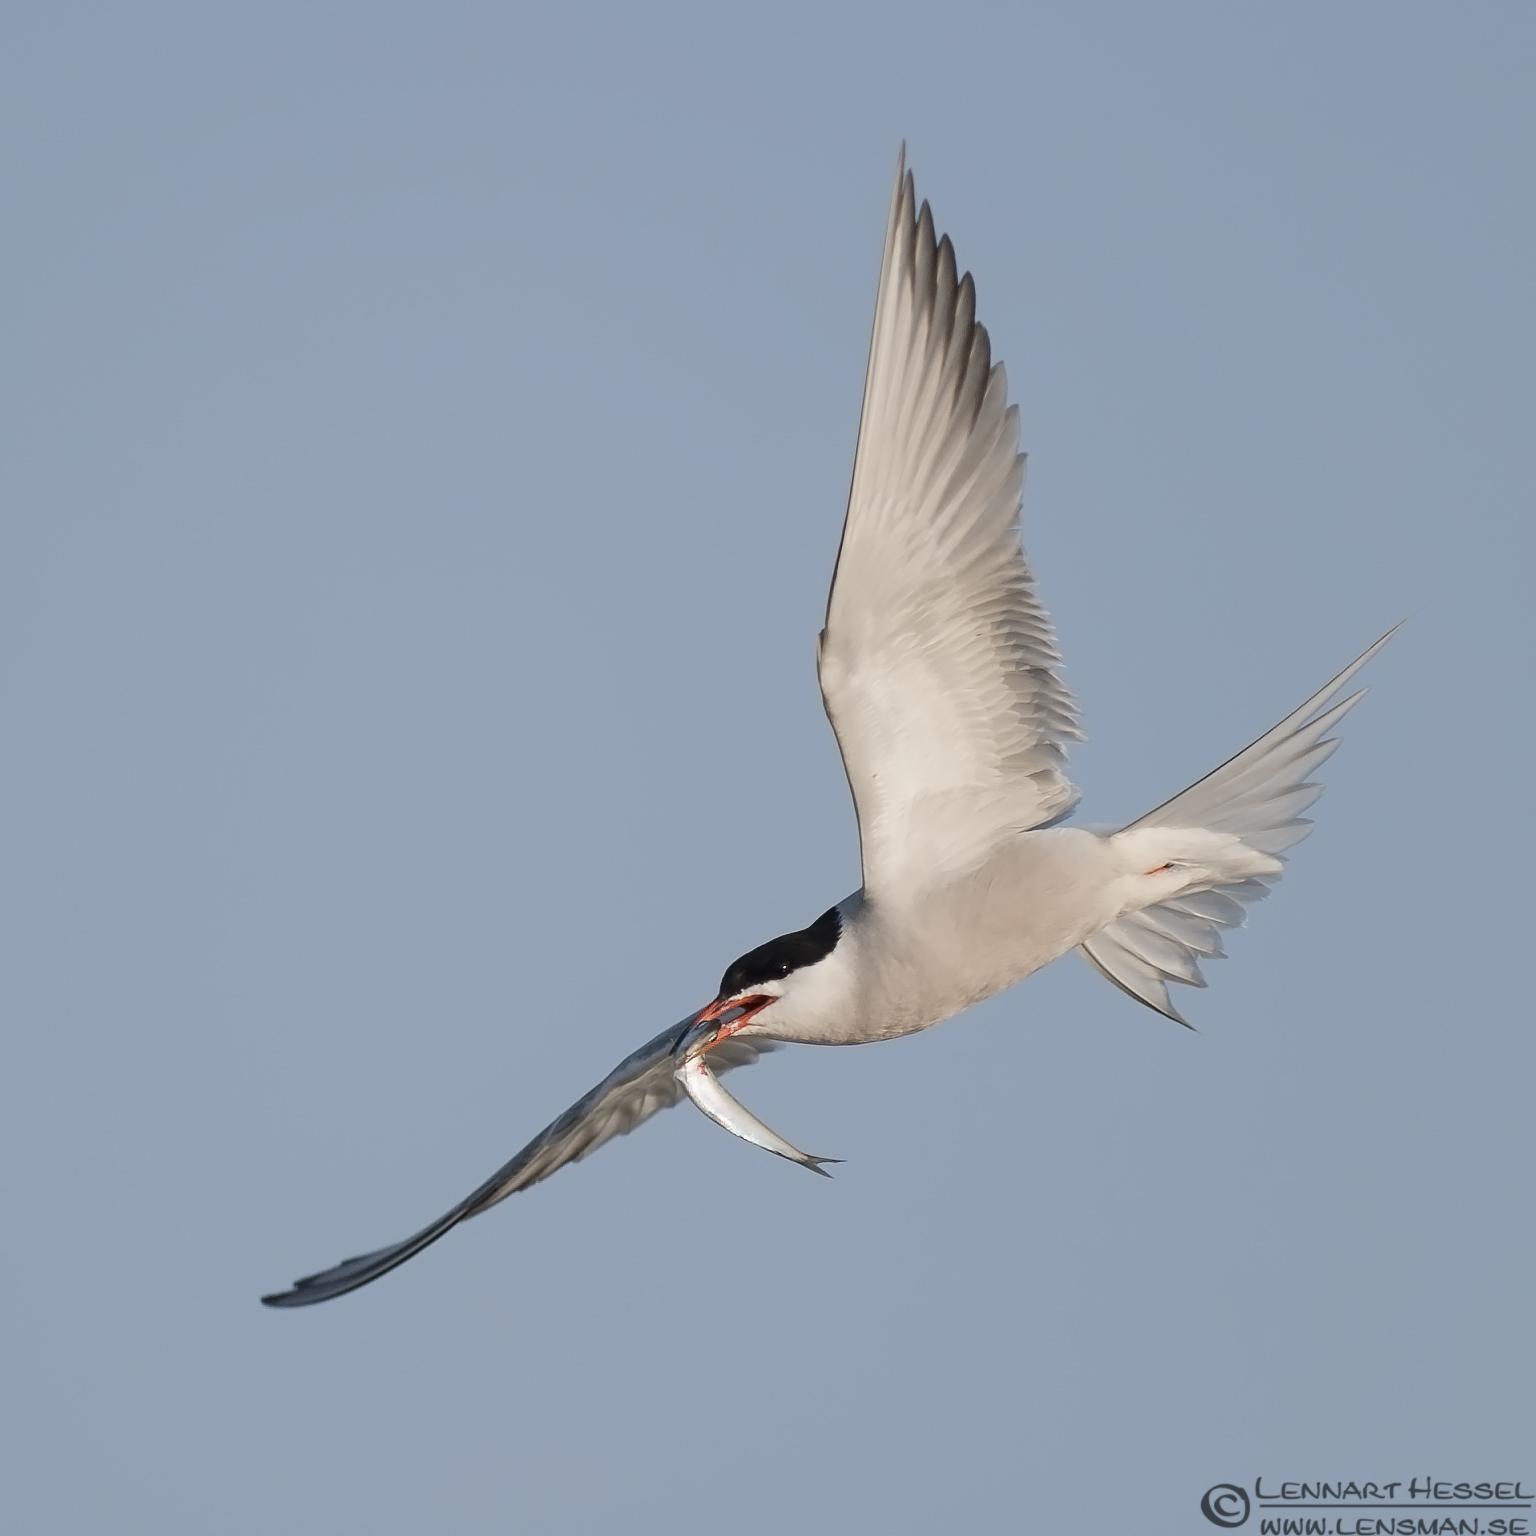 Common Tern acrobatic evening